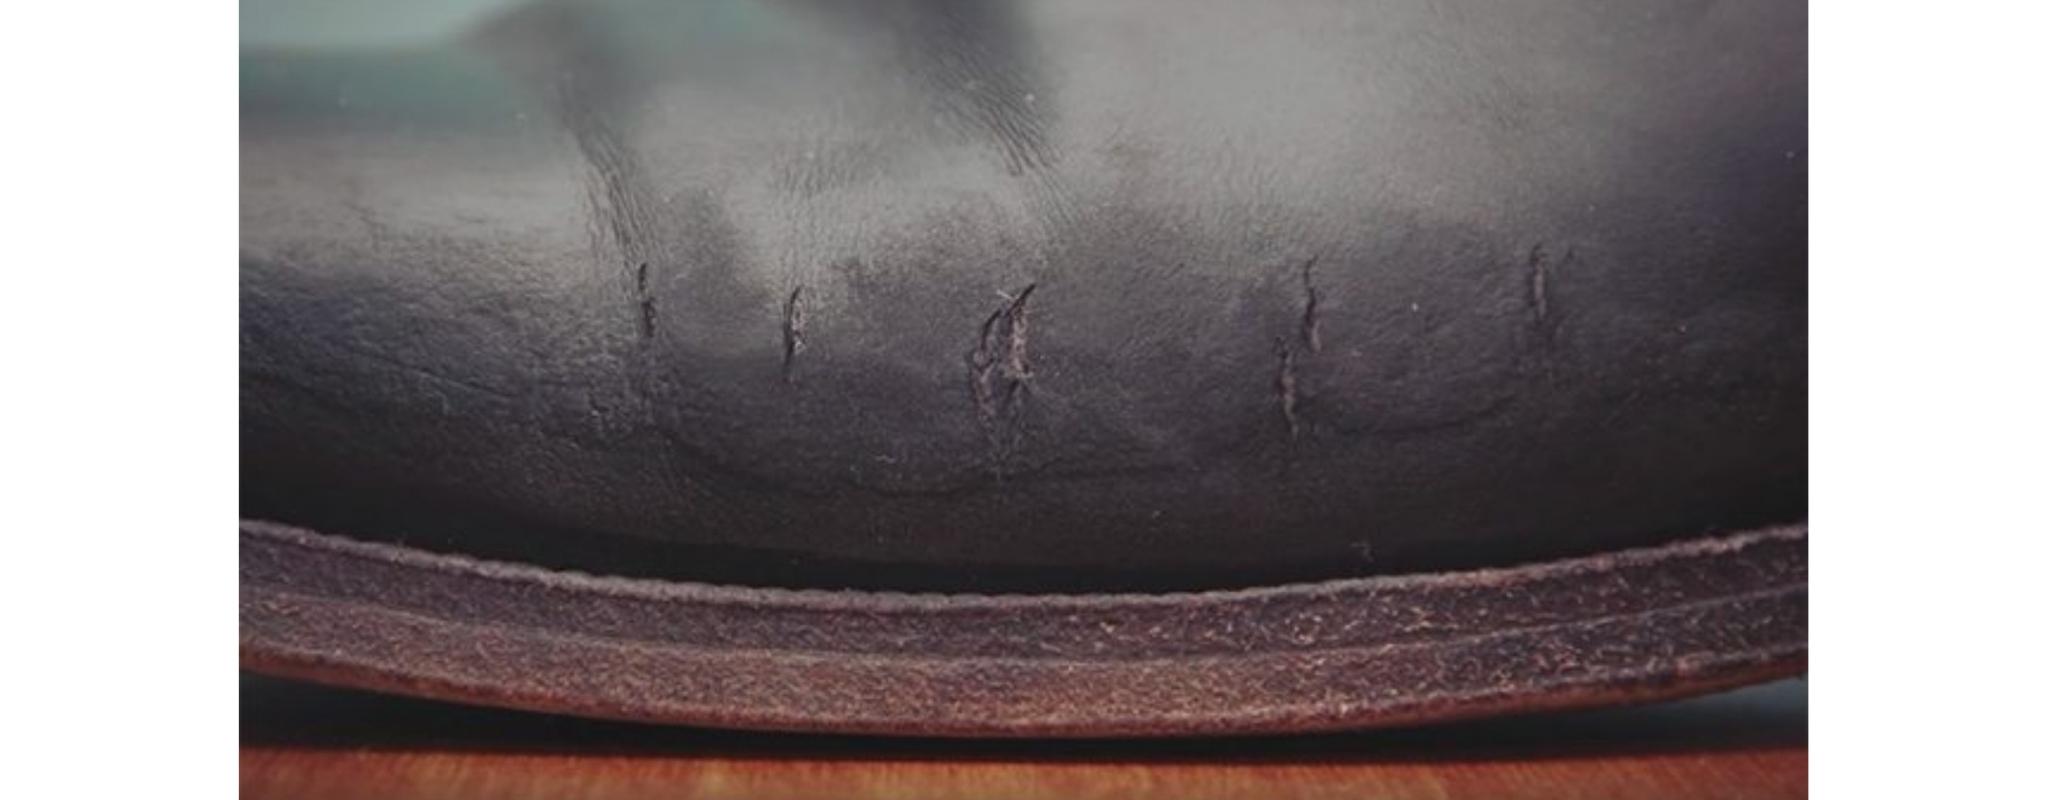 rachaduras nas botas de couro